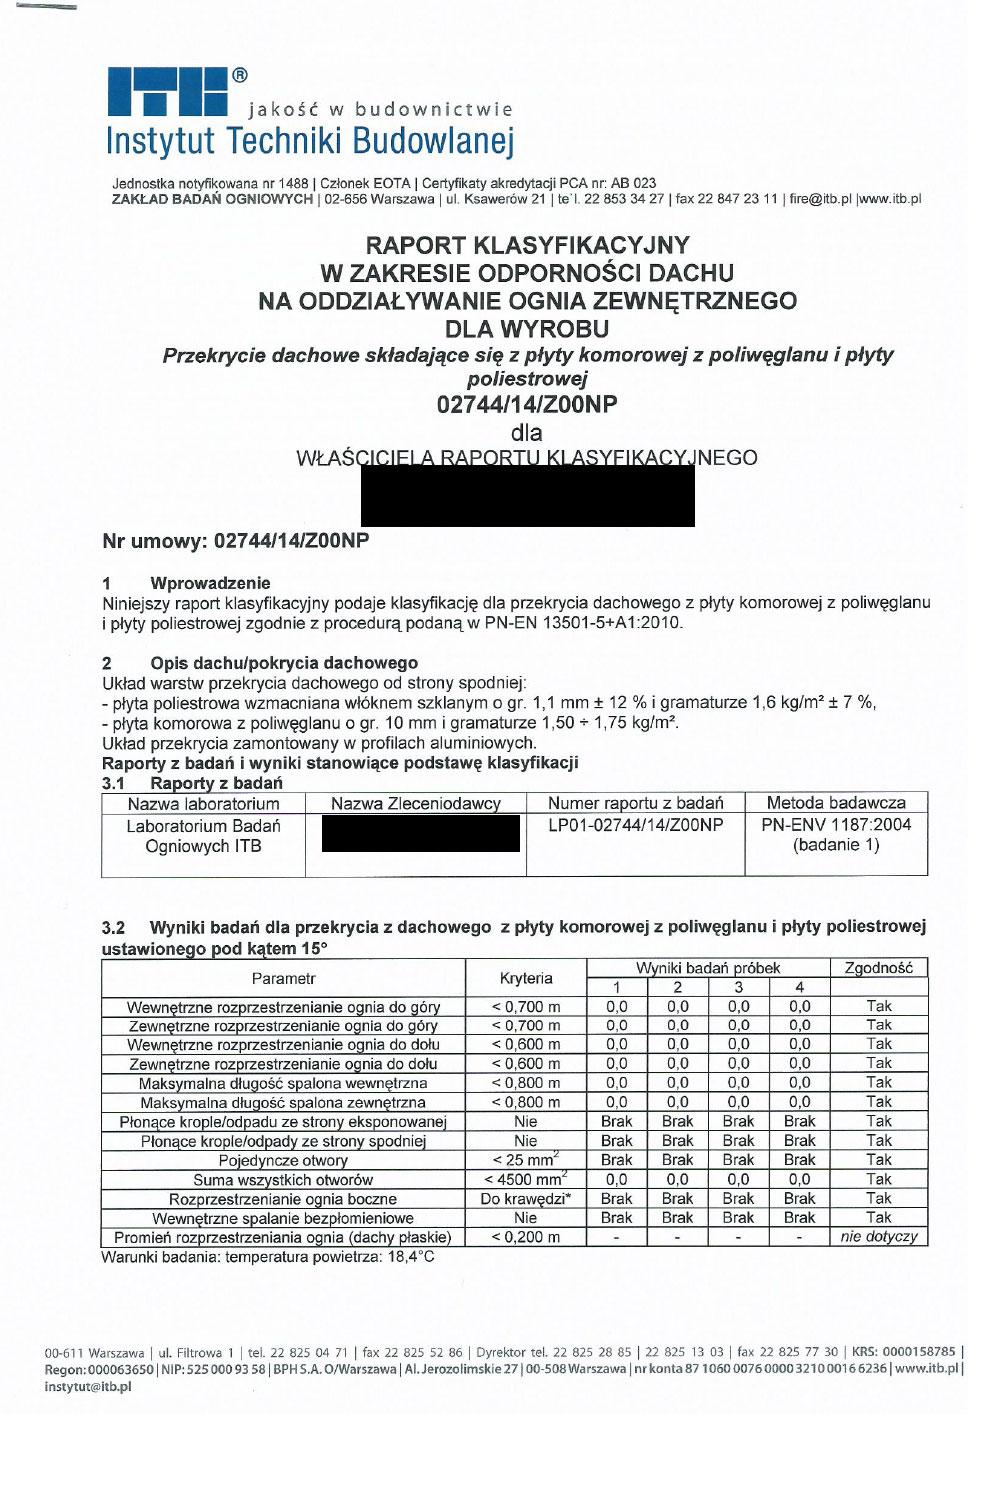 RAPORT-KLASYFIKACYJNY-1